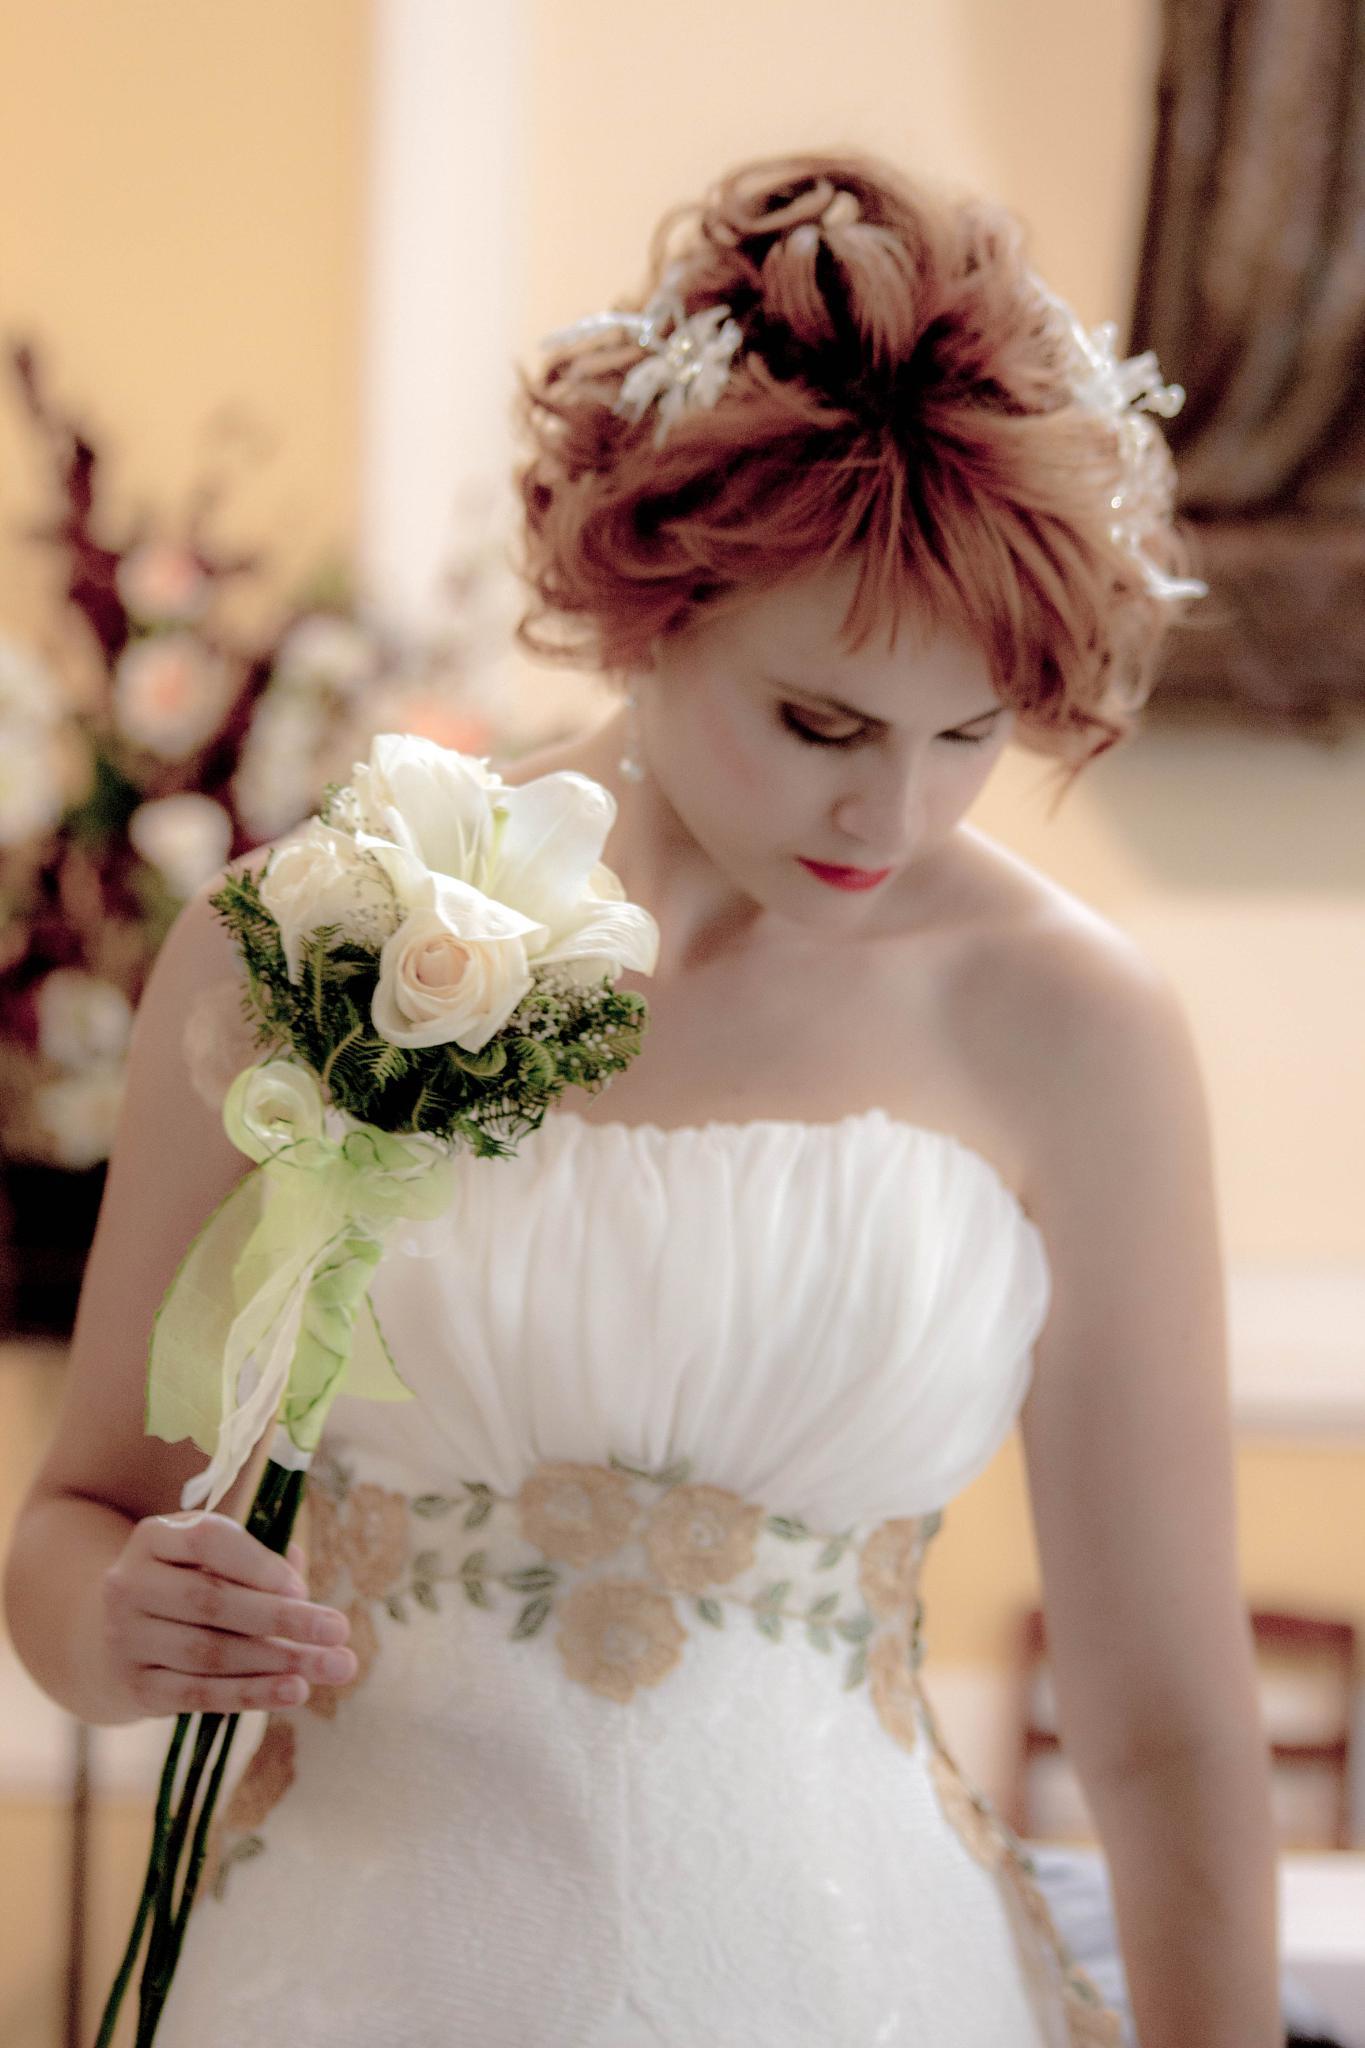 Bride by Katherina01